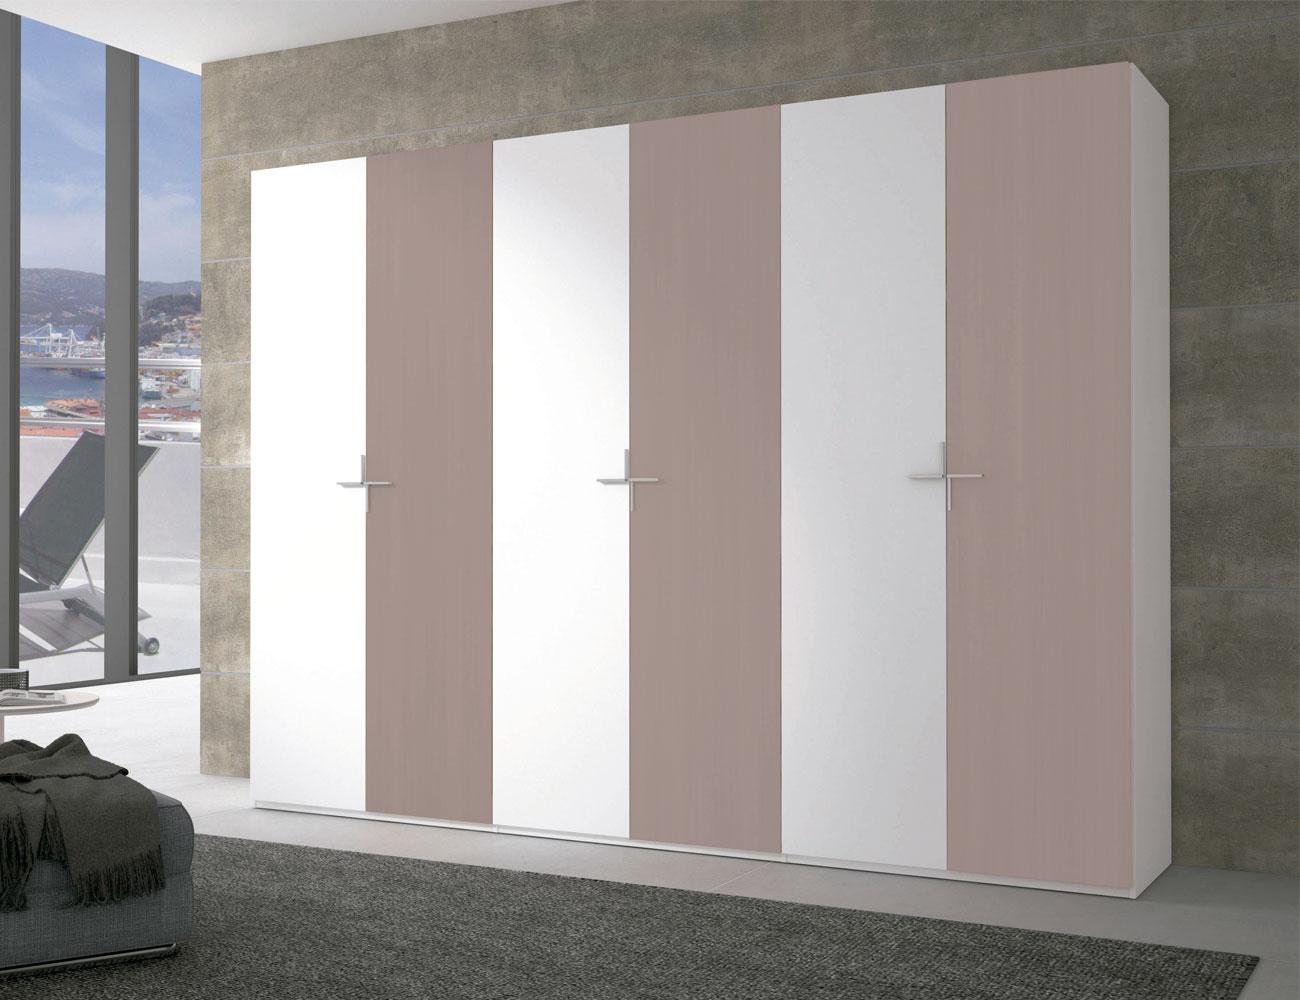 Armario puertas abatibles moka blanco10